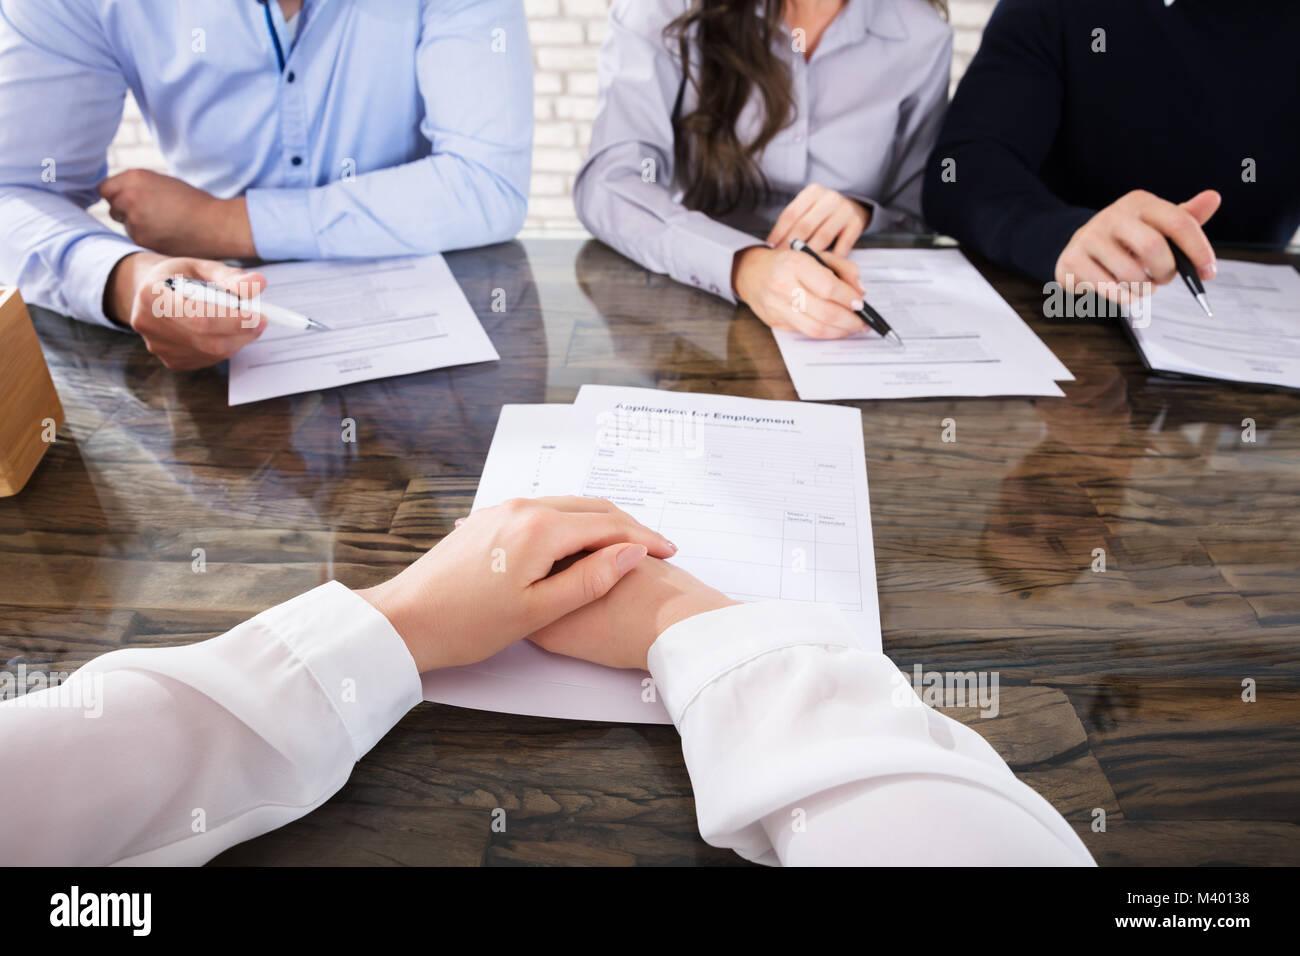 Solicitante delante de los oficiales de reclutamiento corporativo para una entrevista en la oficina Foto de stock